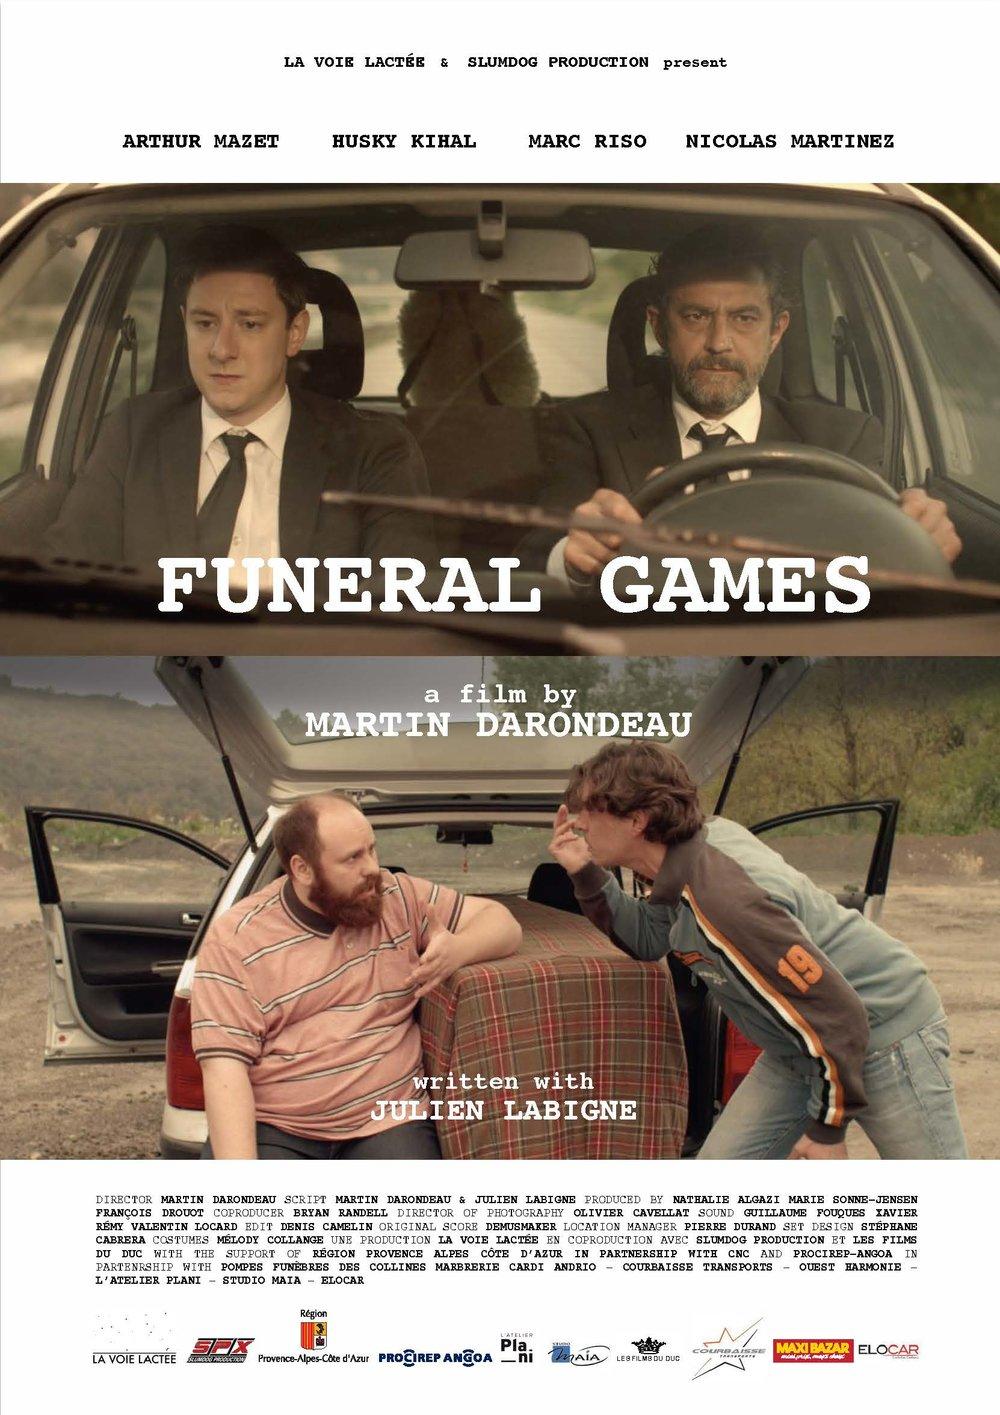 funeral game.jpg